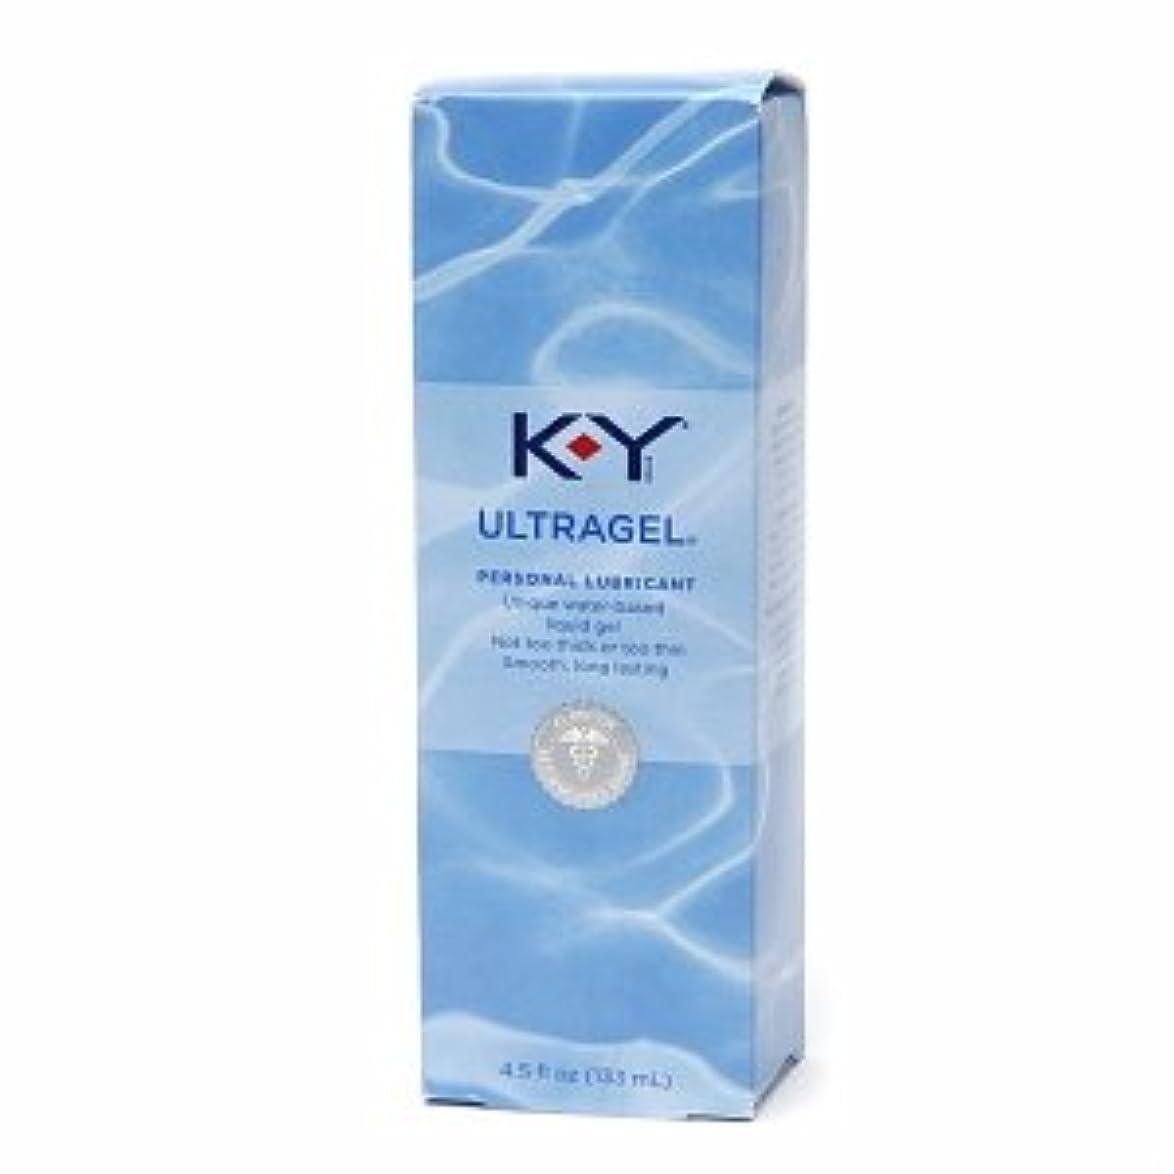 癒す球状サーキュレーション074 不感症で濡れにくい方へ【高級潤滑剤 KYゼリー】 水溶性の潤滑ジェル42g 海外直送品